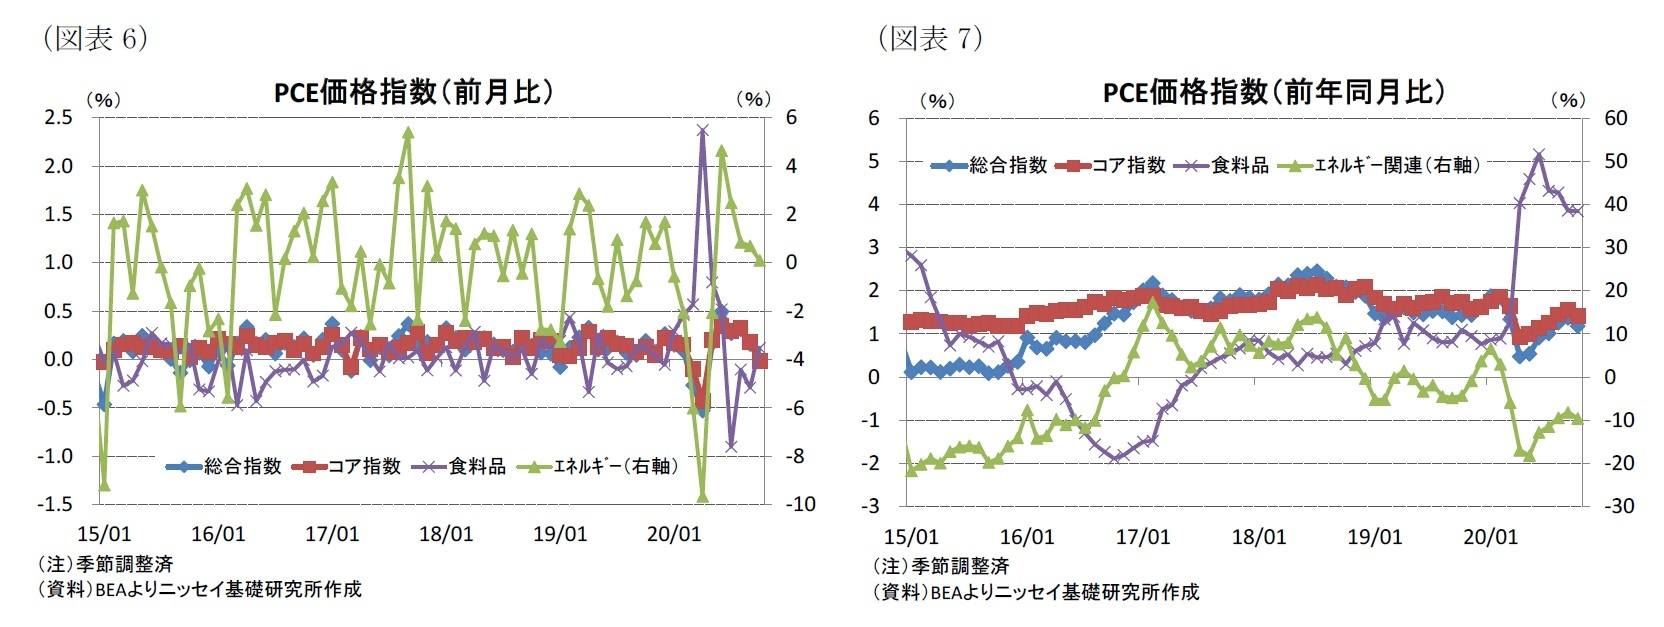 (図表6)PCE価格指数(前月比)/(図表7)PCE価格指数(前年同月比)